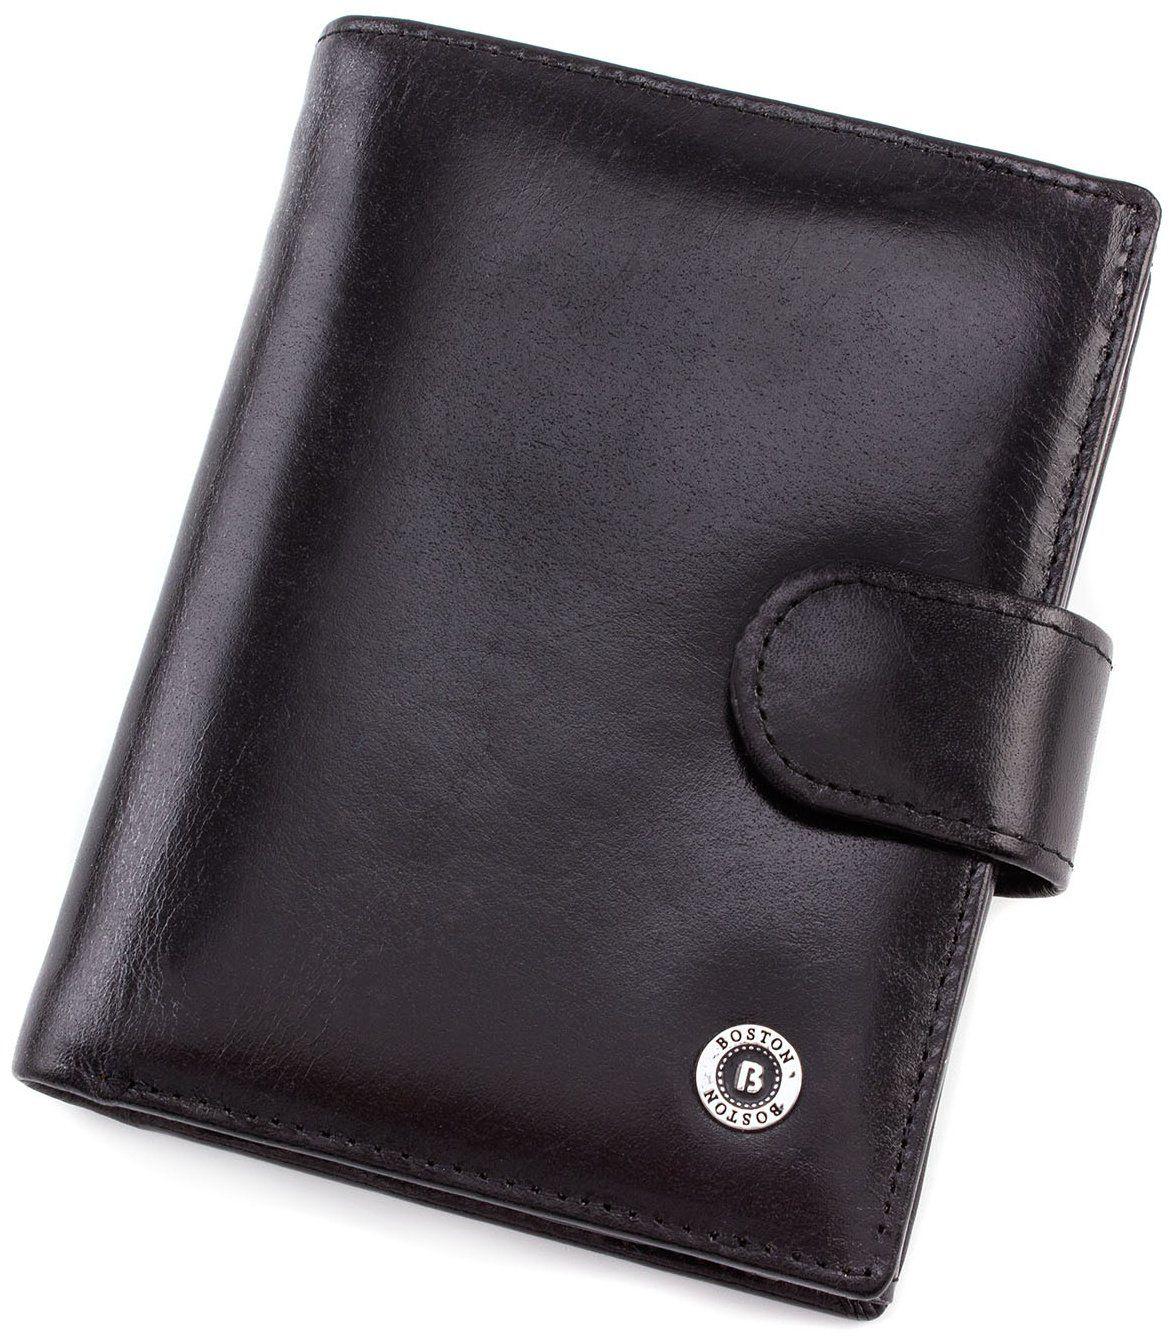 780f5b43d517 Мужской вертикальный кошелек из гладкой кожи BOSTON (16713) купить в ...